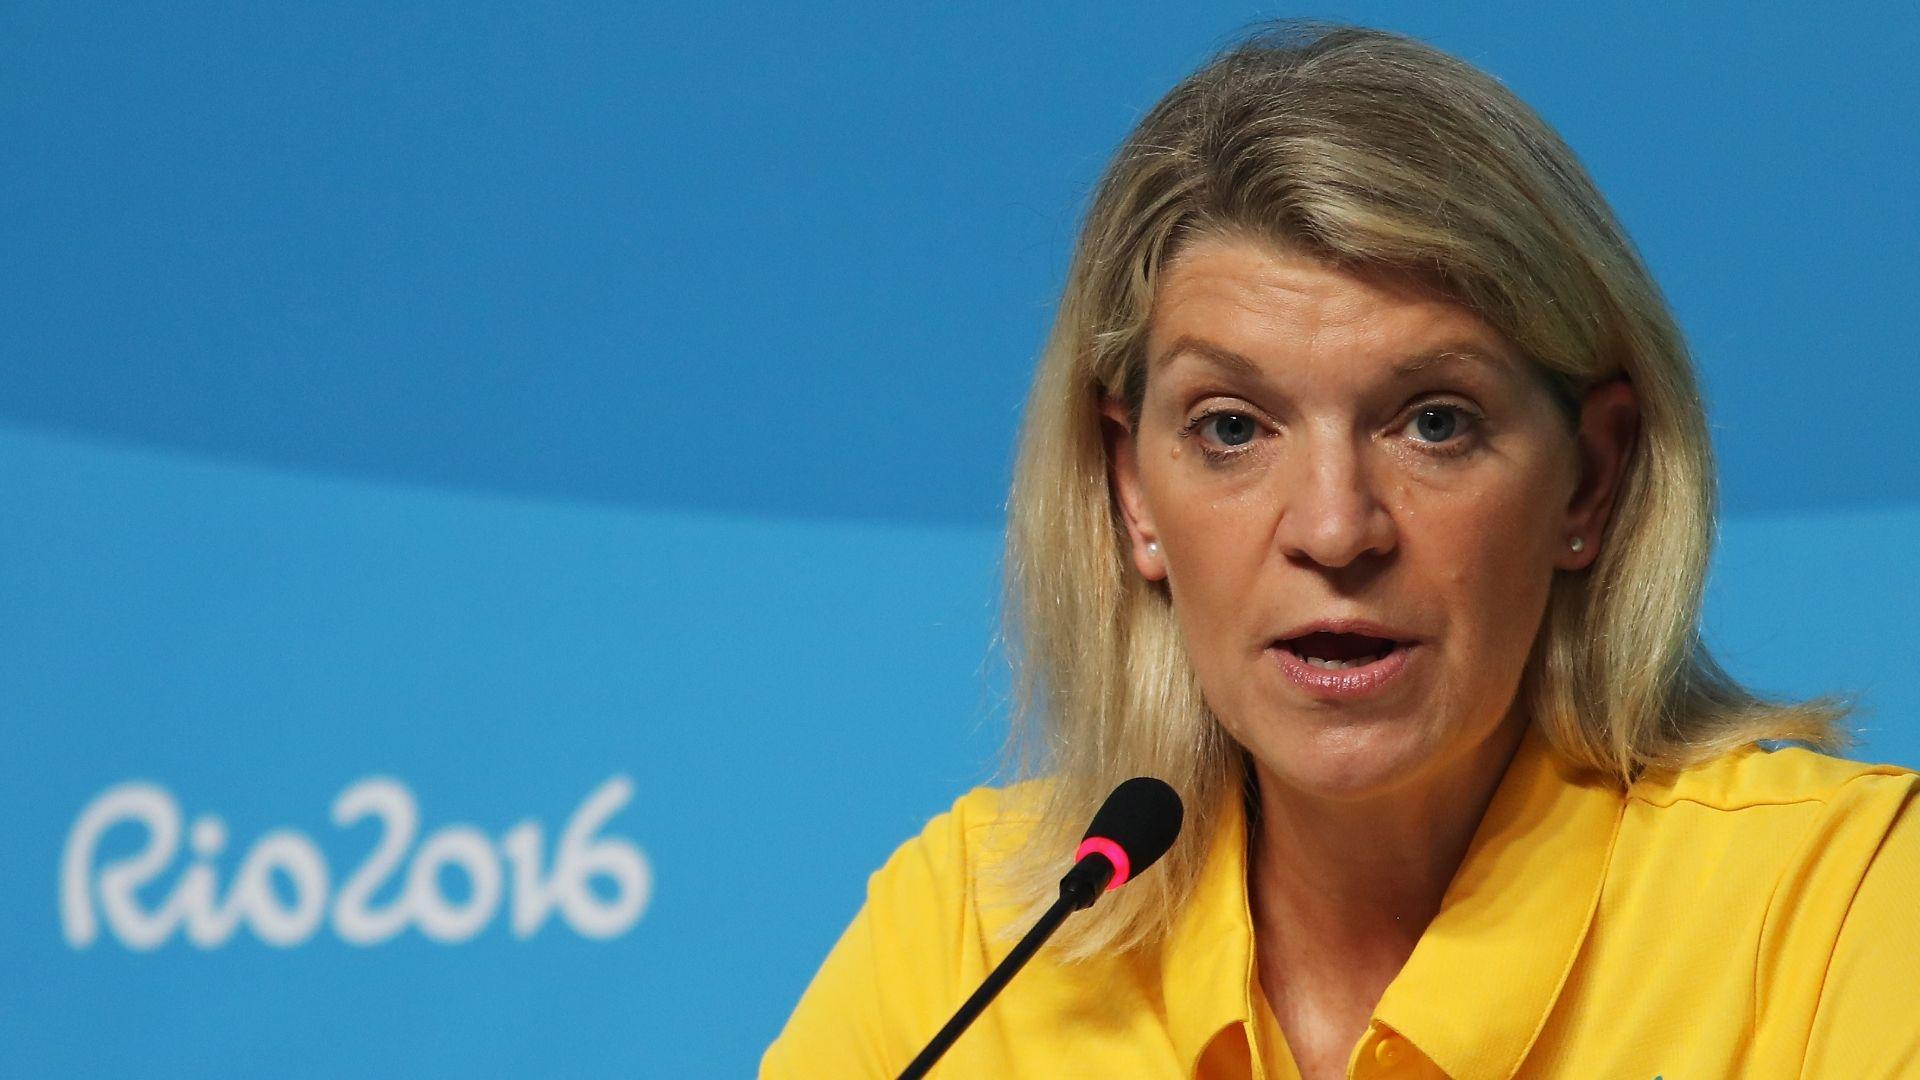 Rough week for Australian Olympians